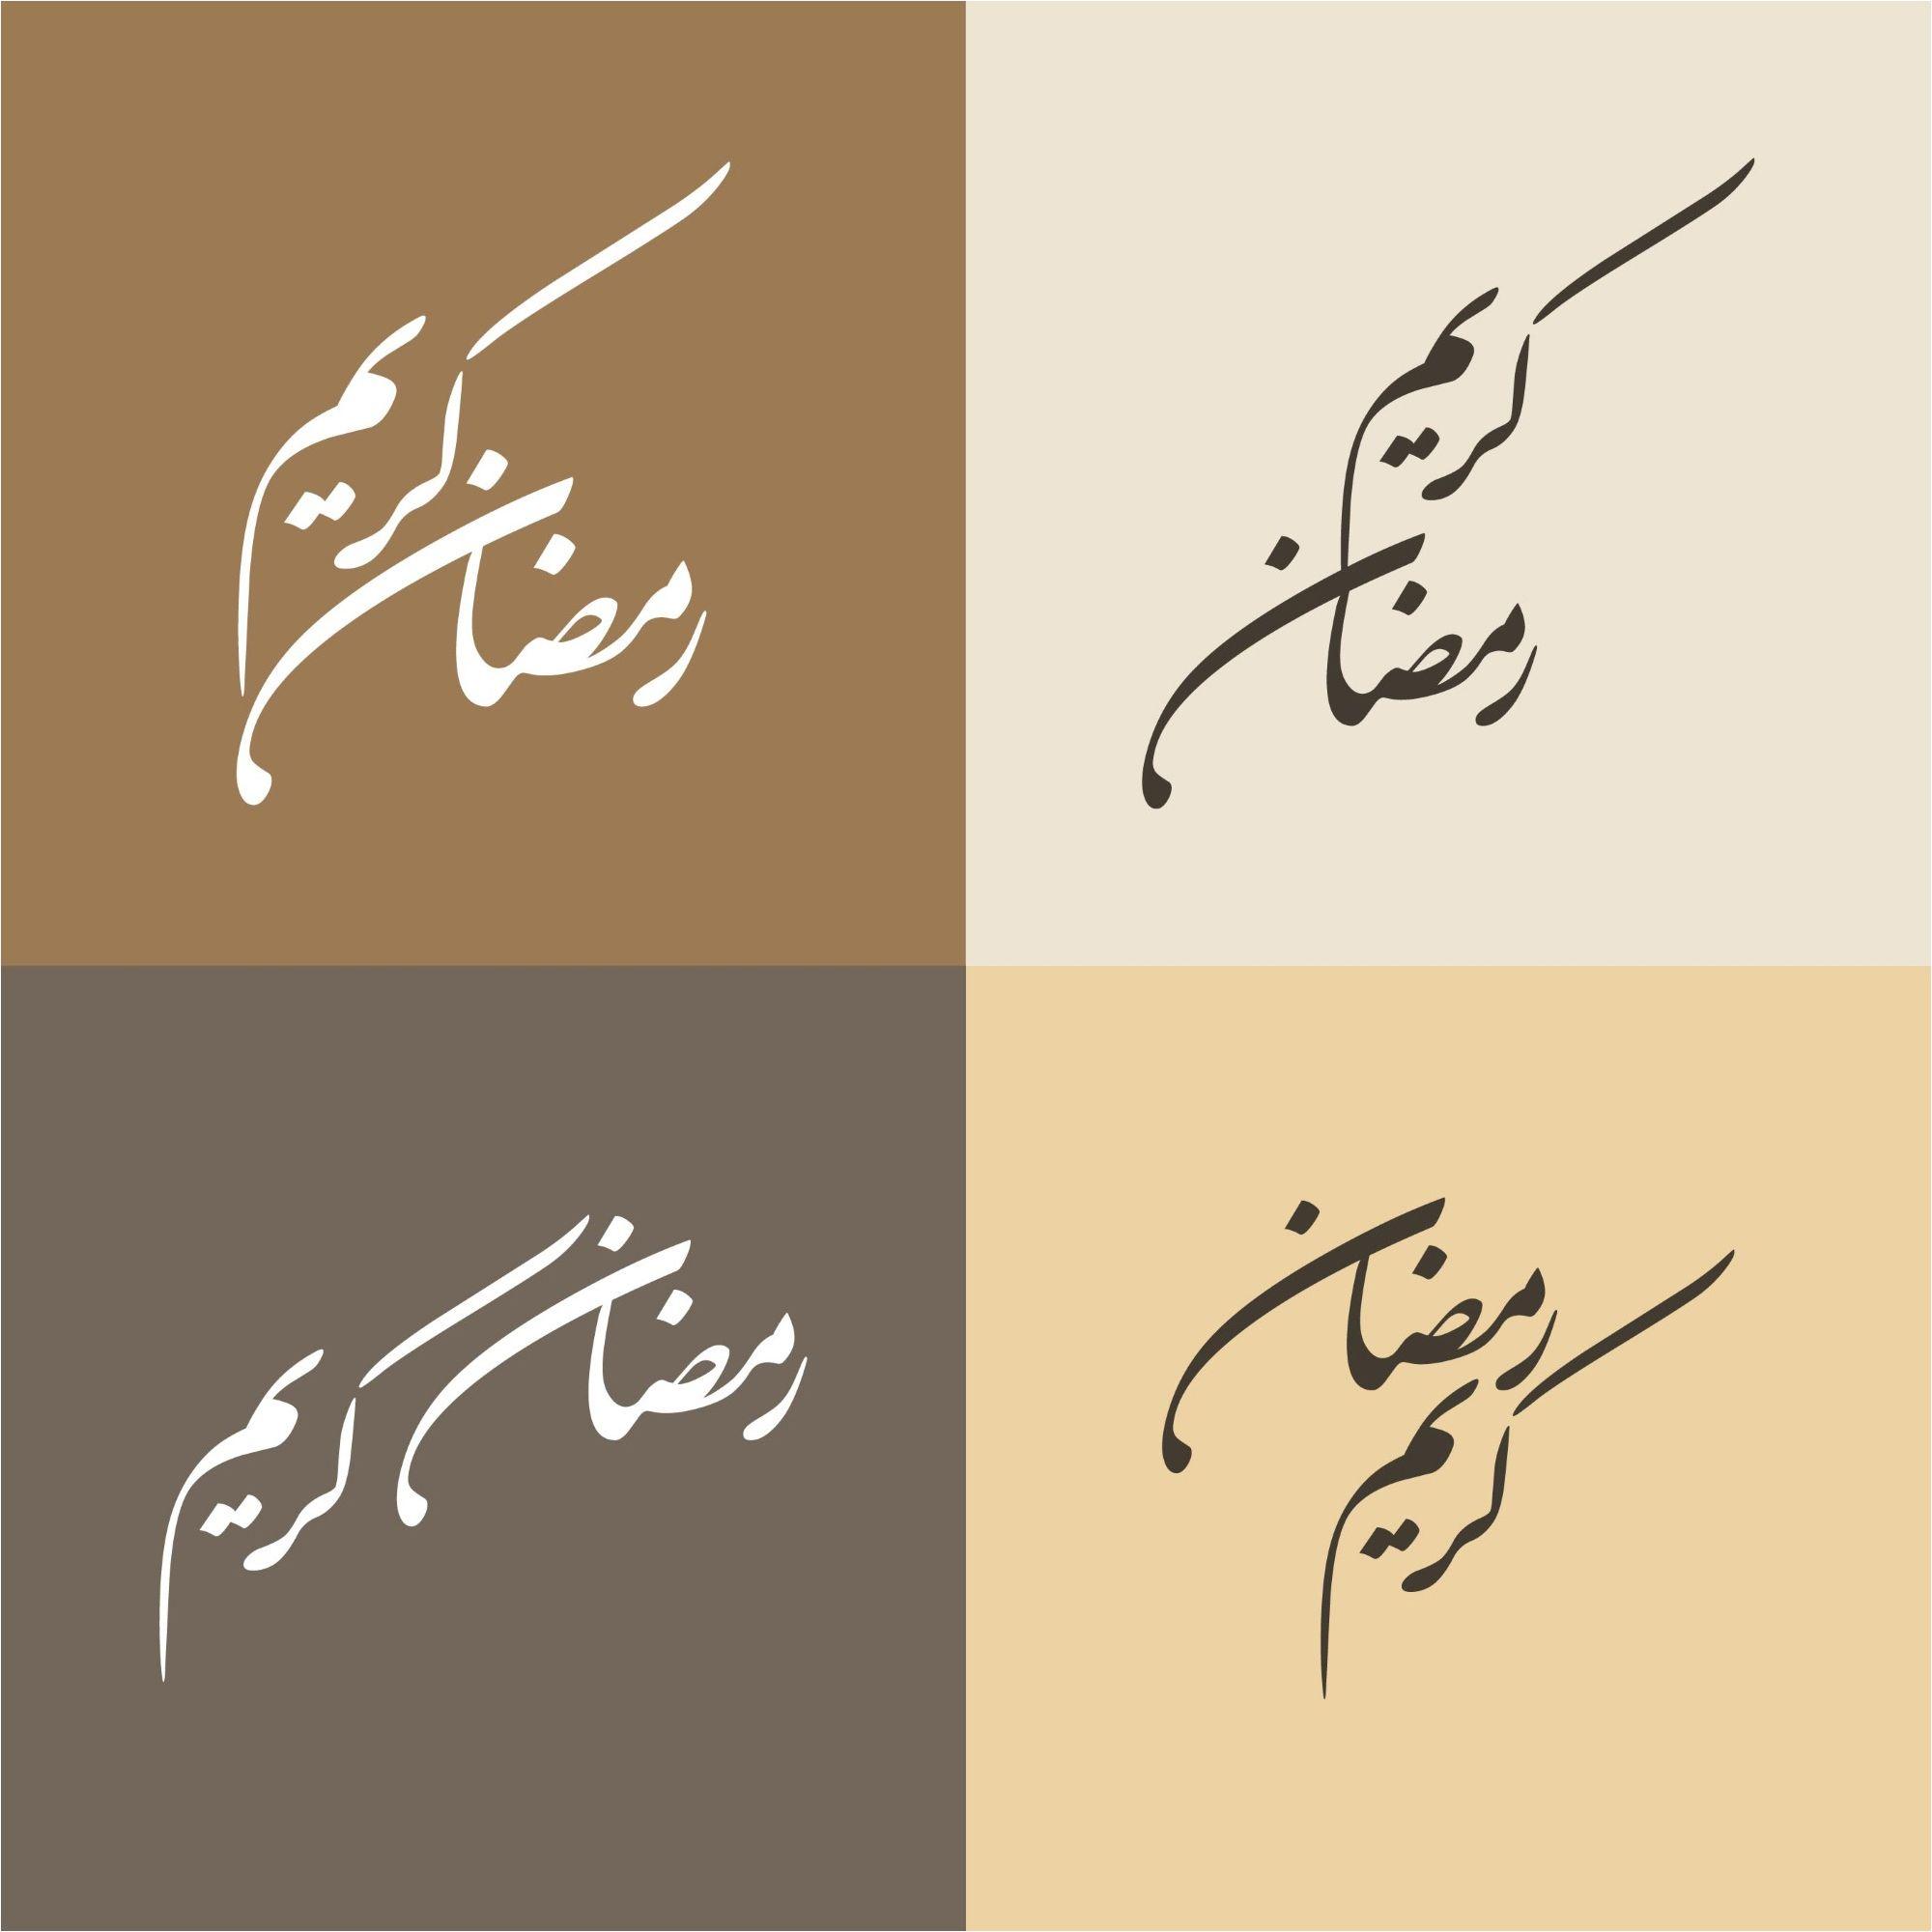 Arabic ramadan kareem logo background vector httpcgvector arabic ramadan kareem logo background vector httpcgvector kristyandbryce Choice Image